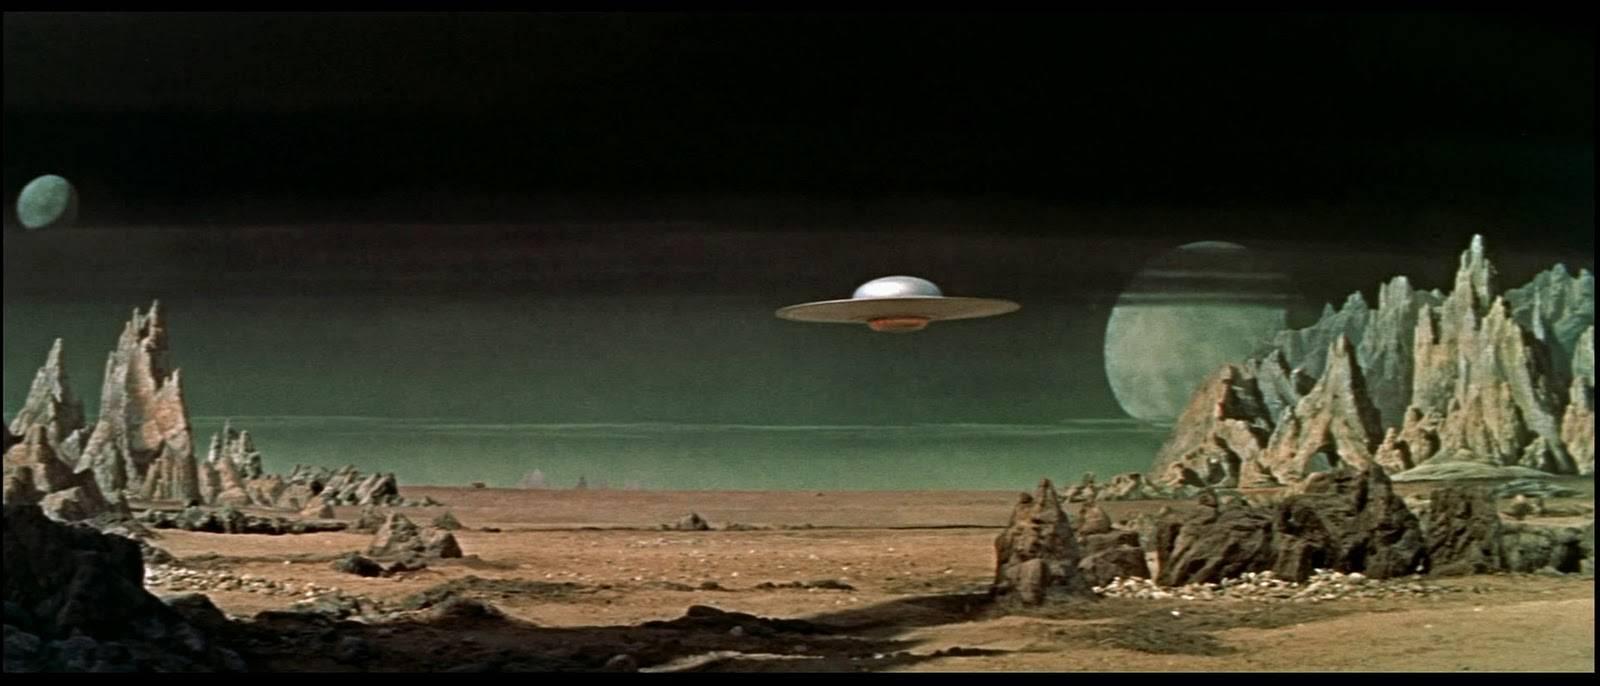 Resultado de imagem para the forbidden planet